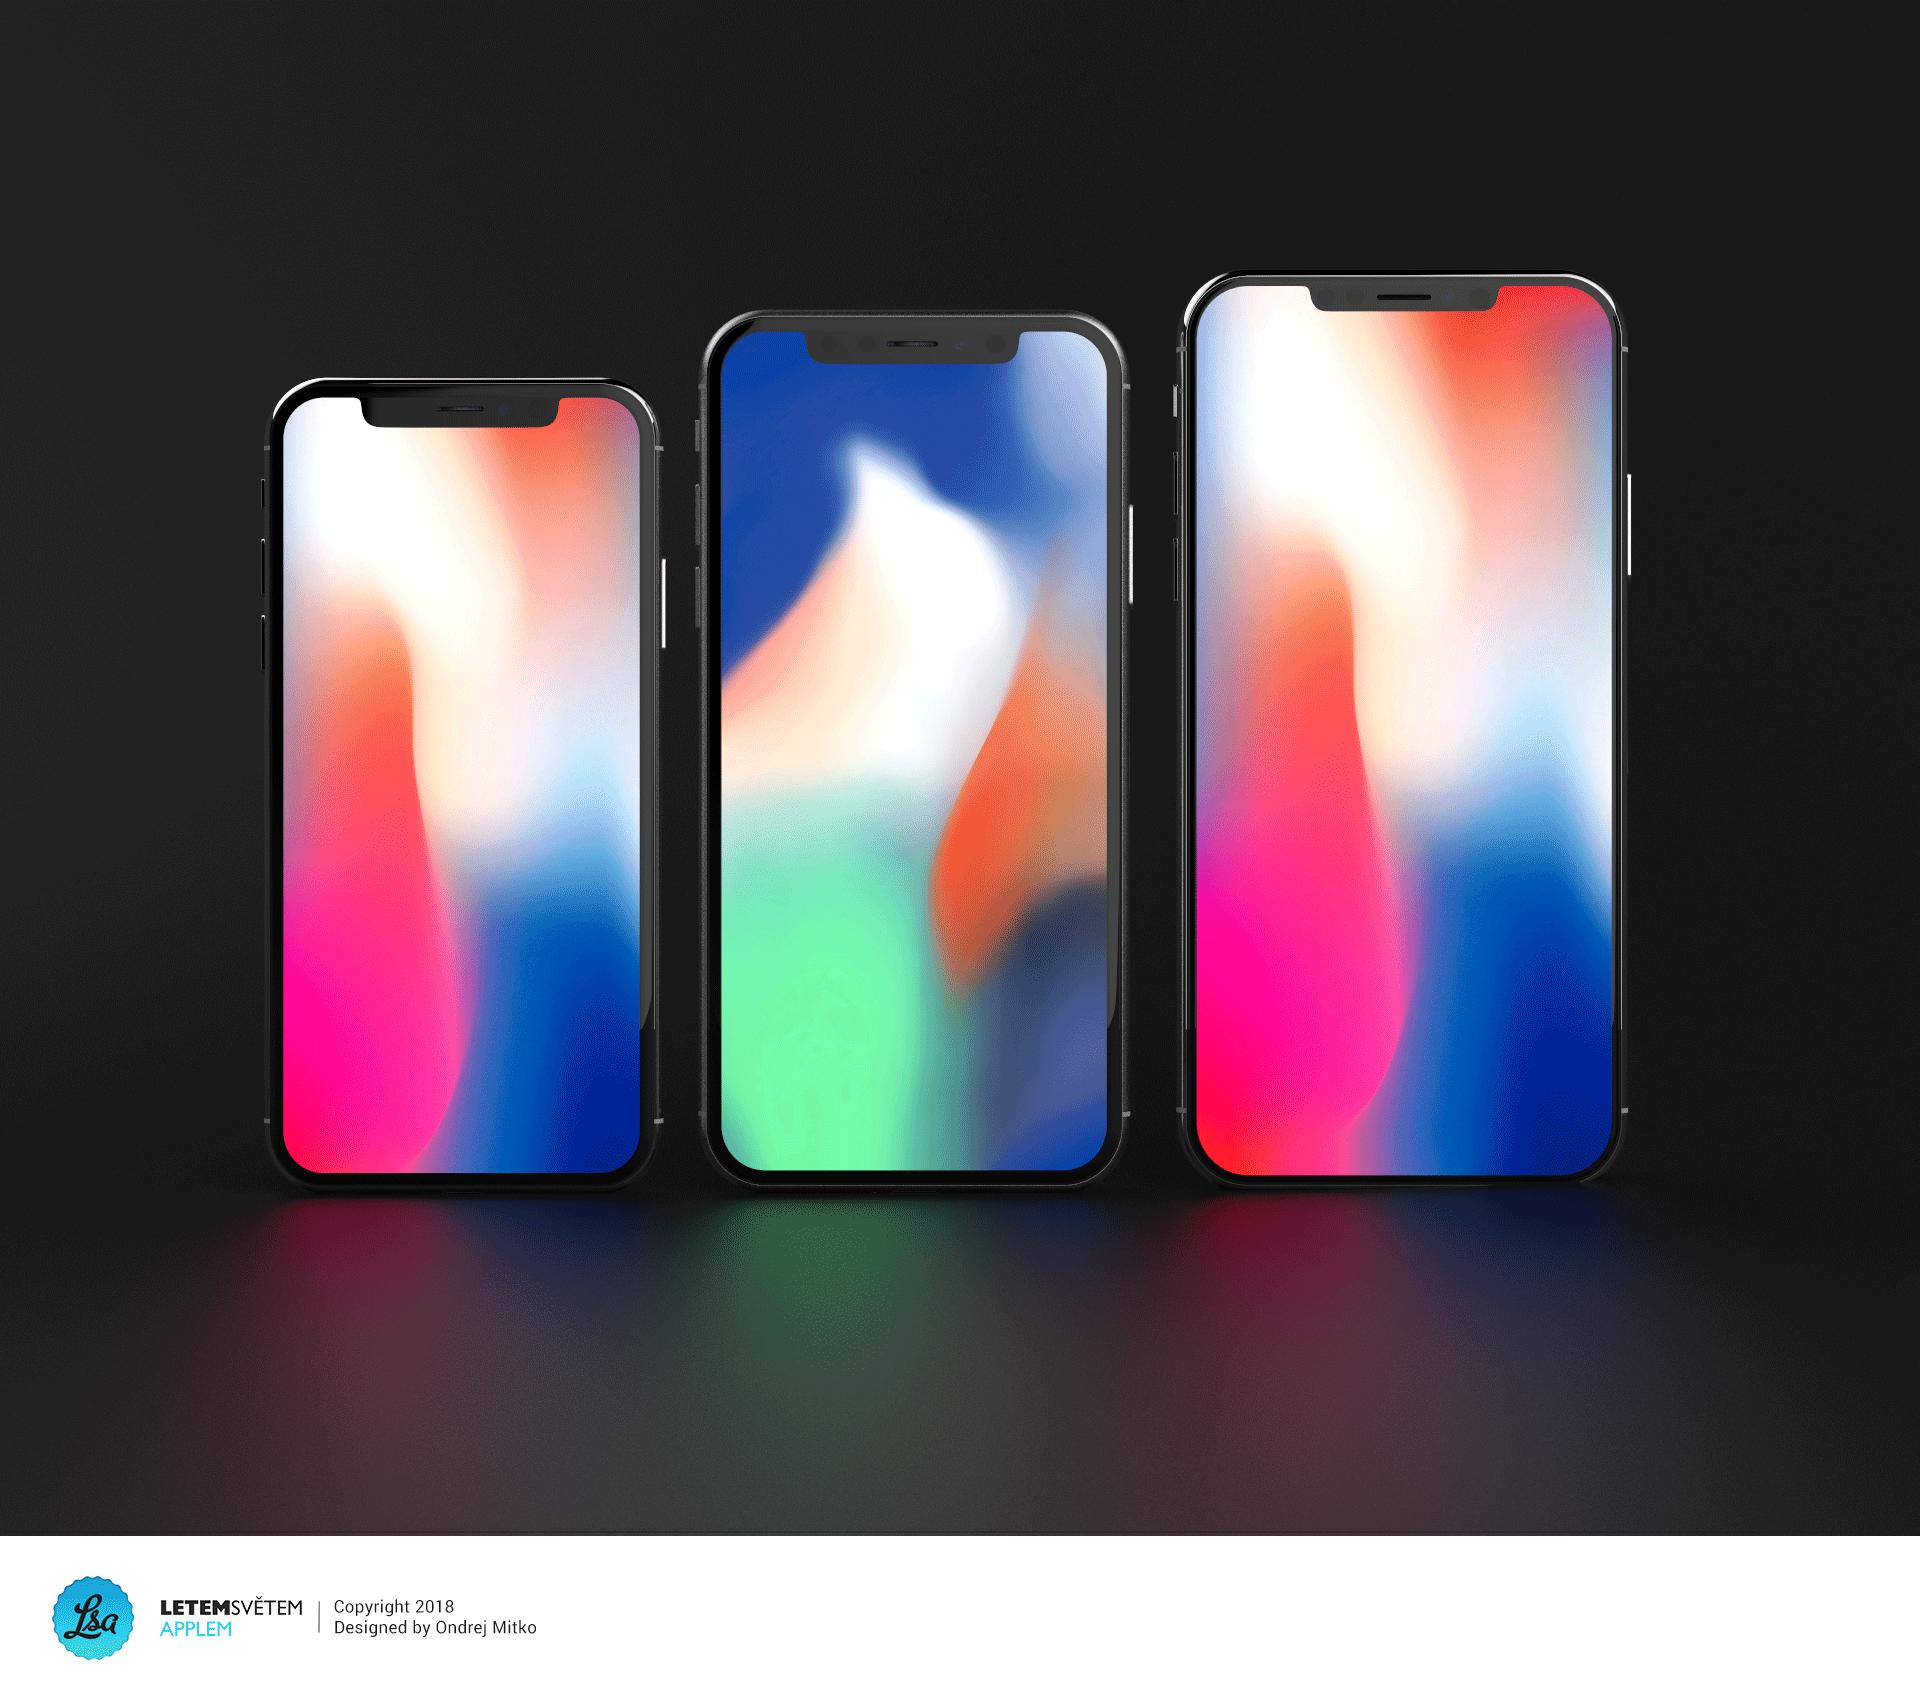 iphone x plus mitko 11